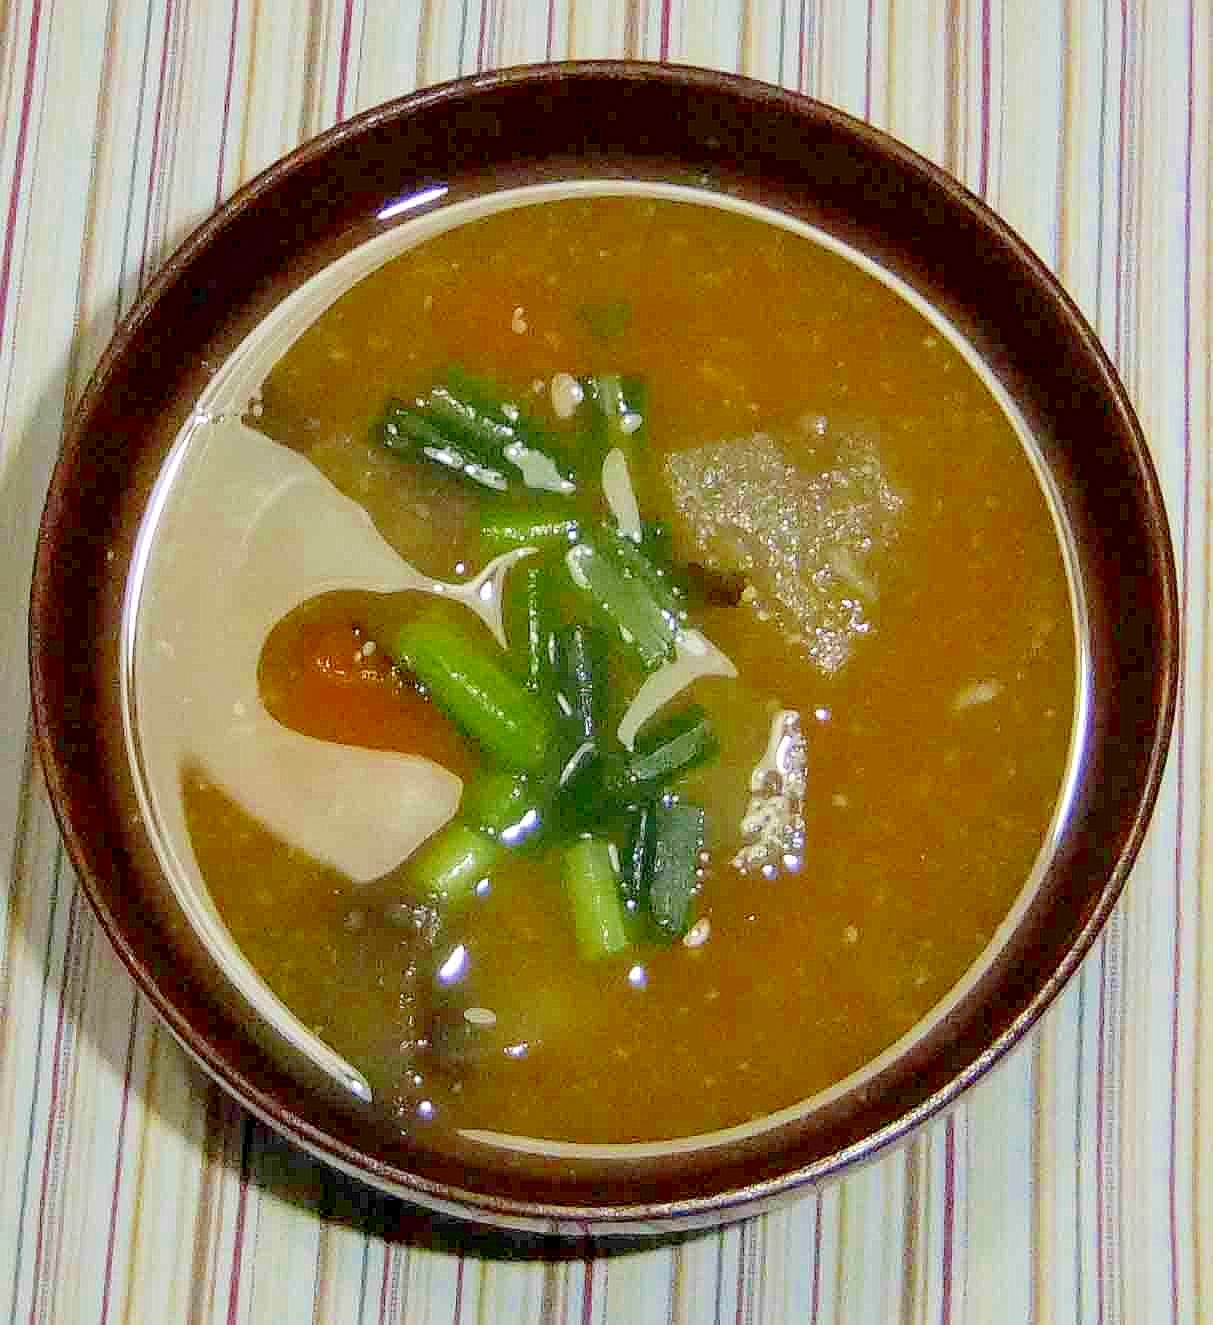 冬瓜と南瓜、茄子の味噌汁